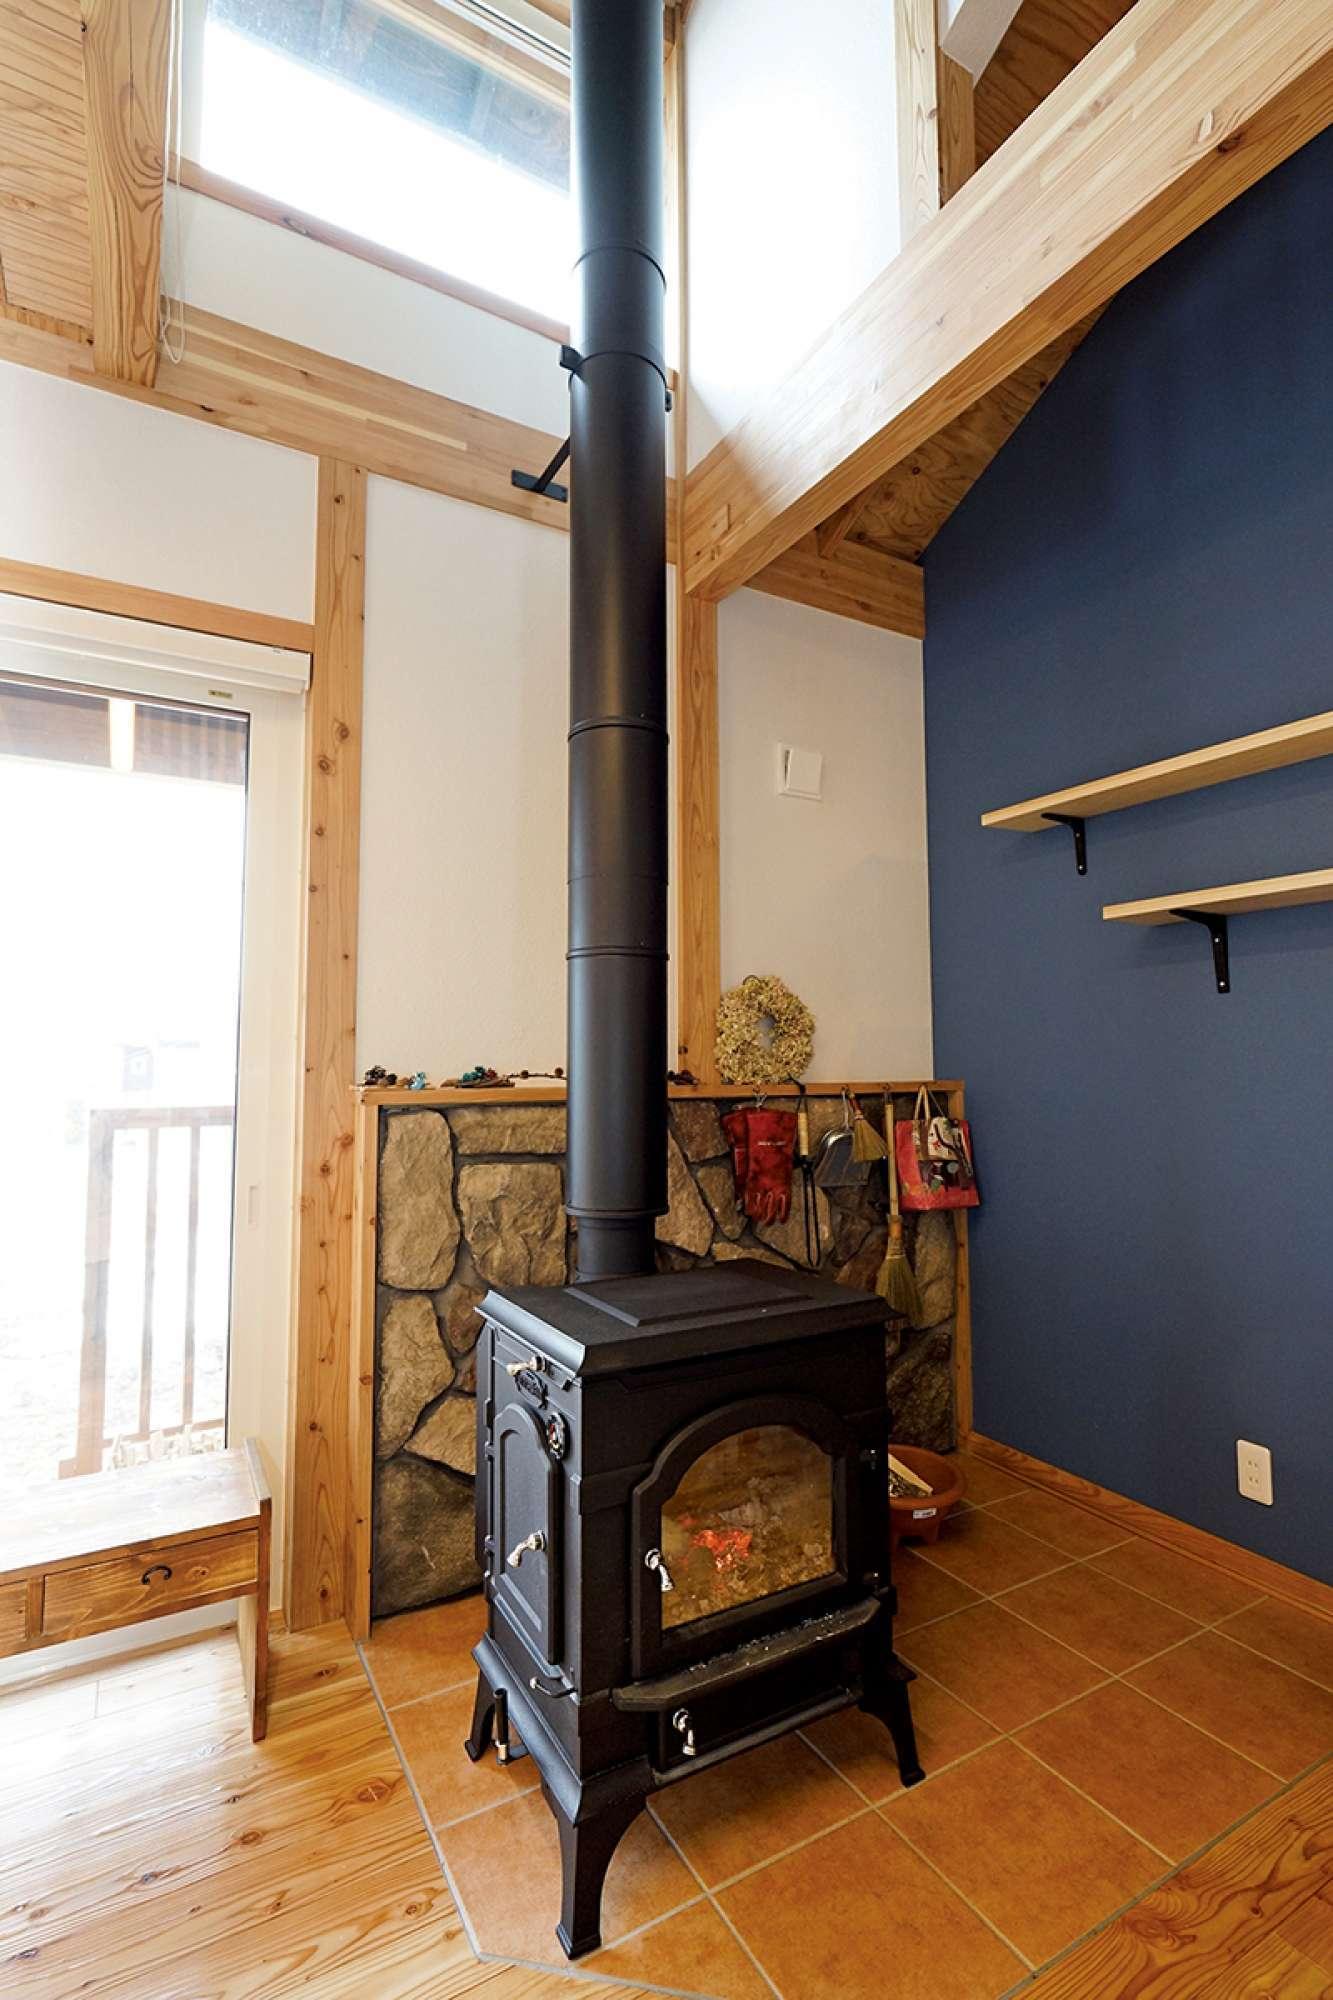 - 自然を感じる石壁も魅力。暖房を兼ねた薪ストーブなら、煮込み料理もガス代を気にせずじっくり火にかけられます。 -  -